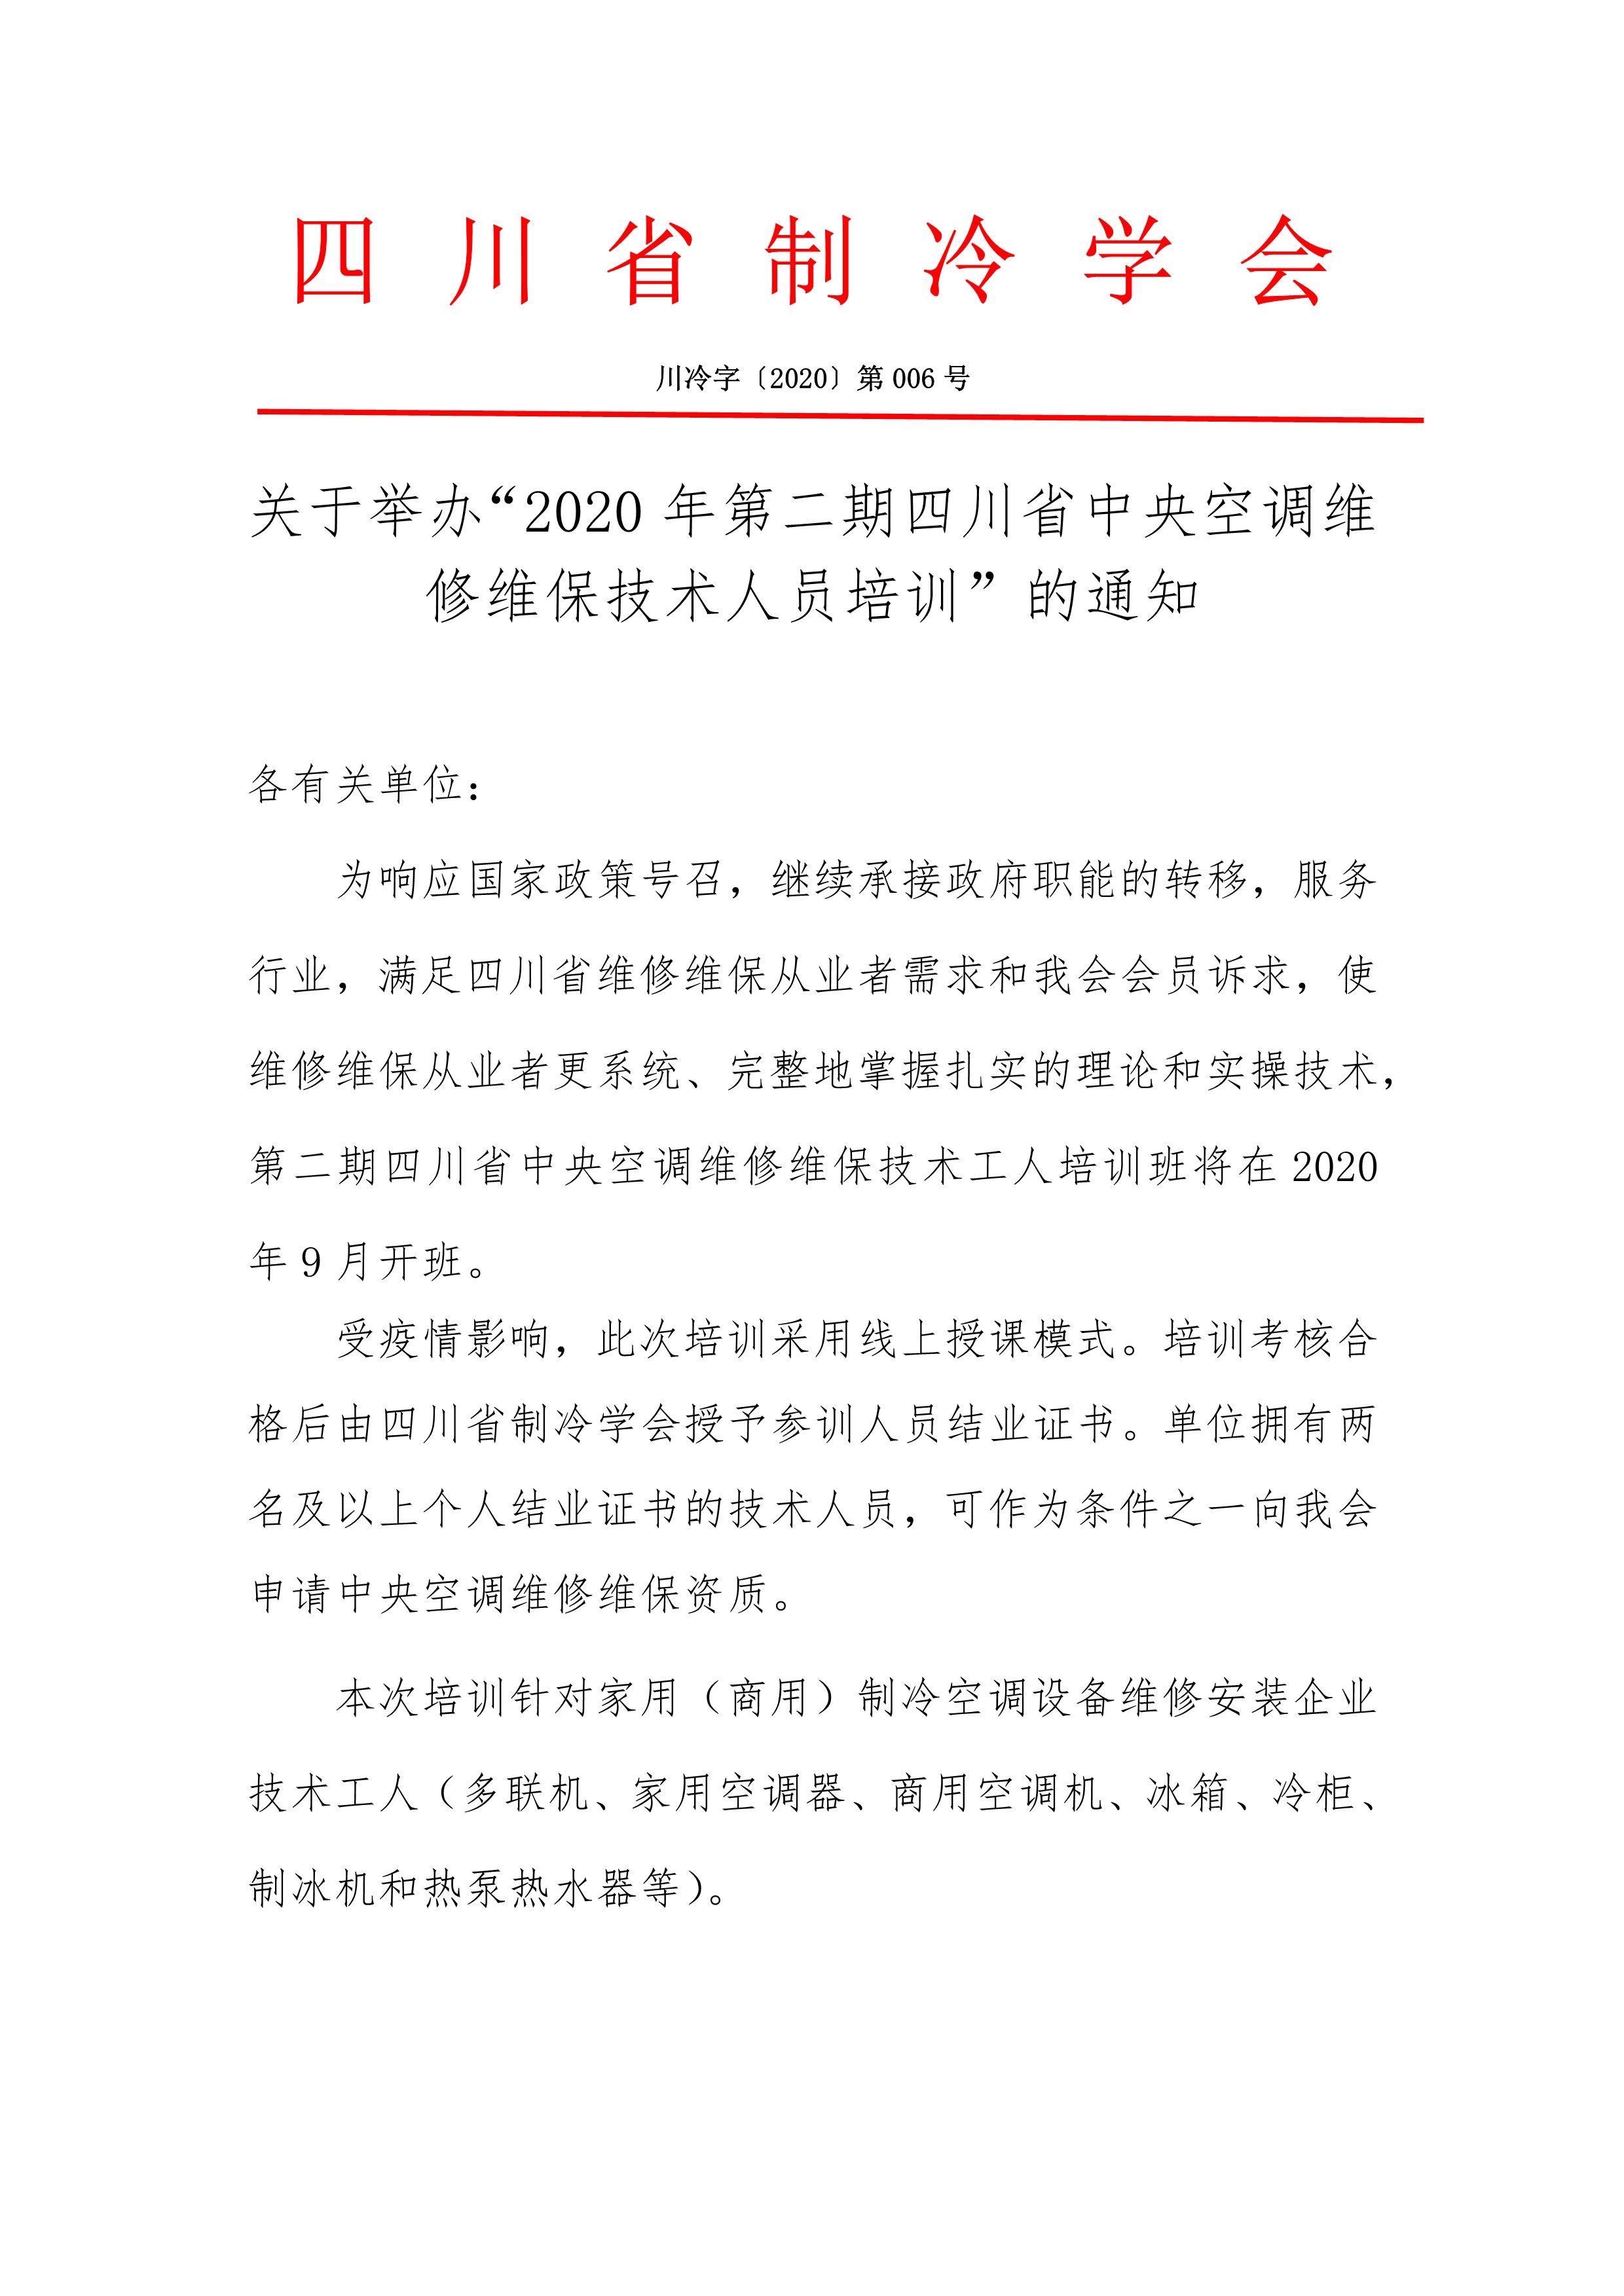 """关于举办""""2020年第二期四川省中央空调维修维保技术人员培训""""的通知"""